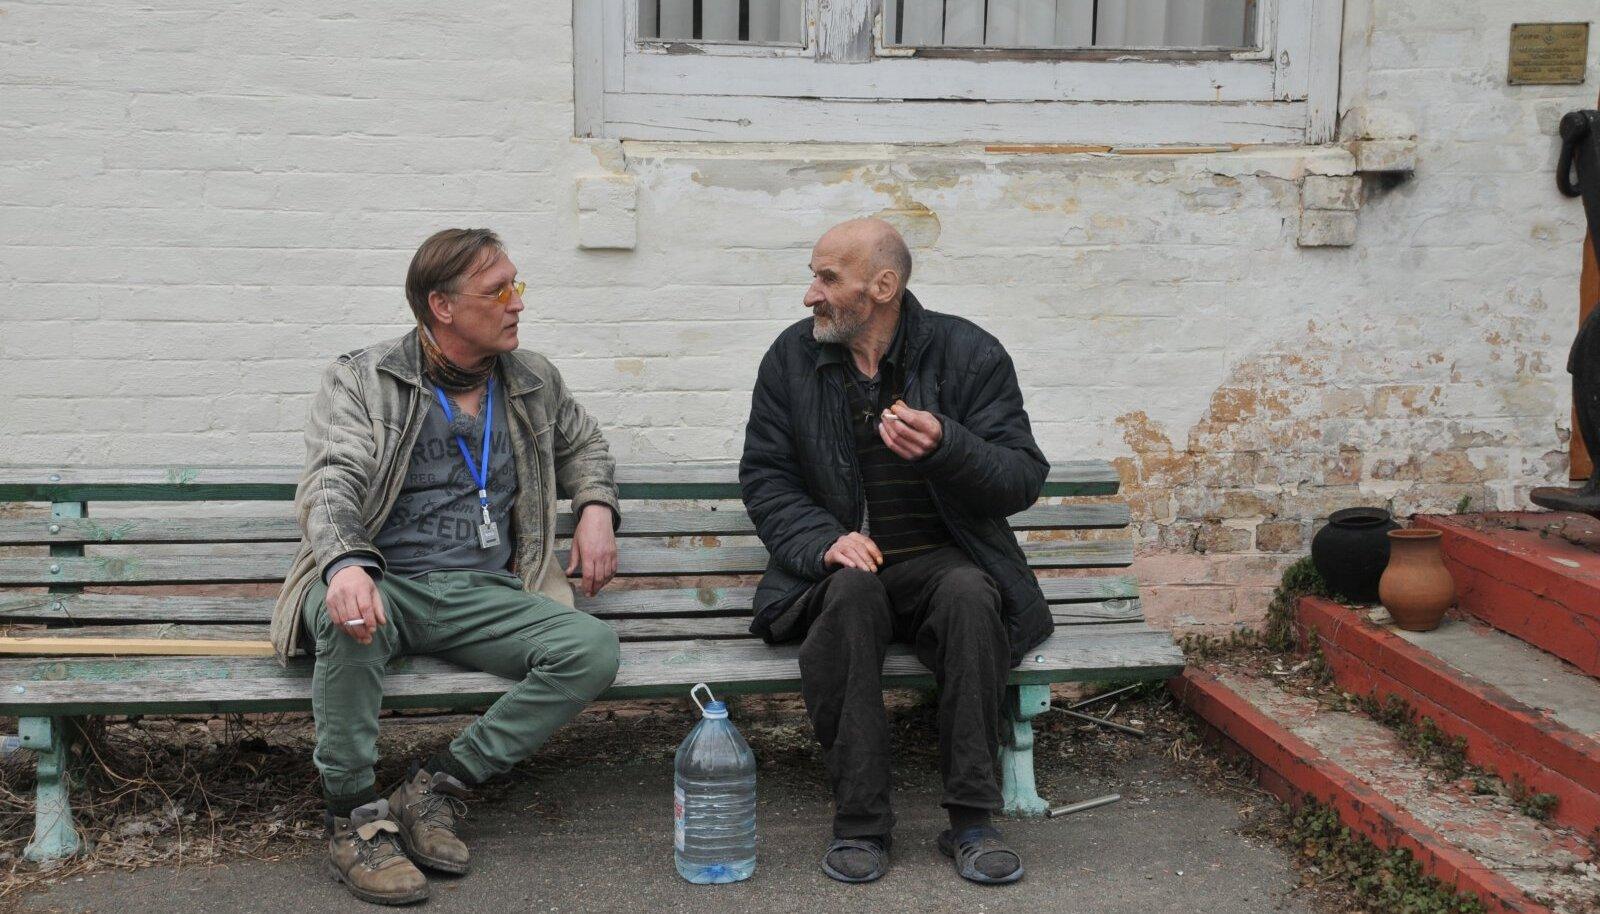 Peeter Võsa Pripjatis kohaliku mehega juttu ajamas.